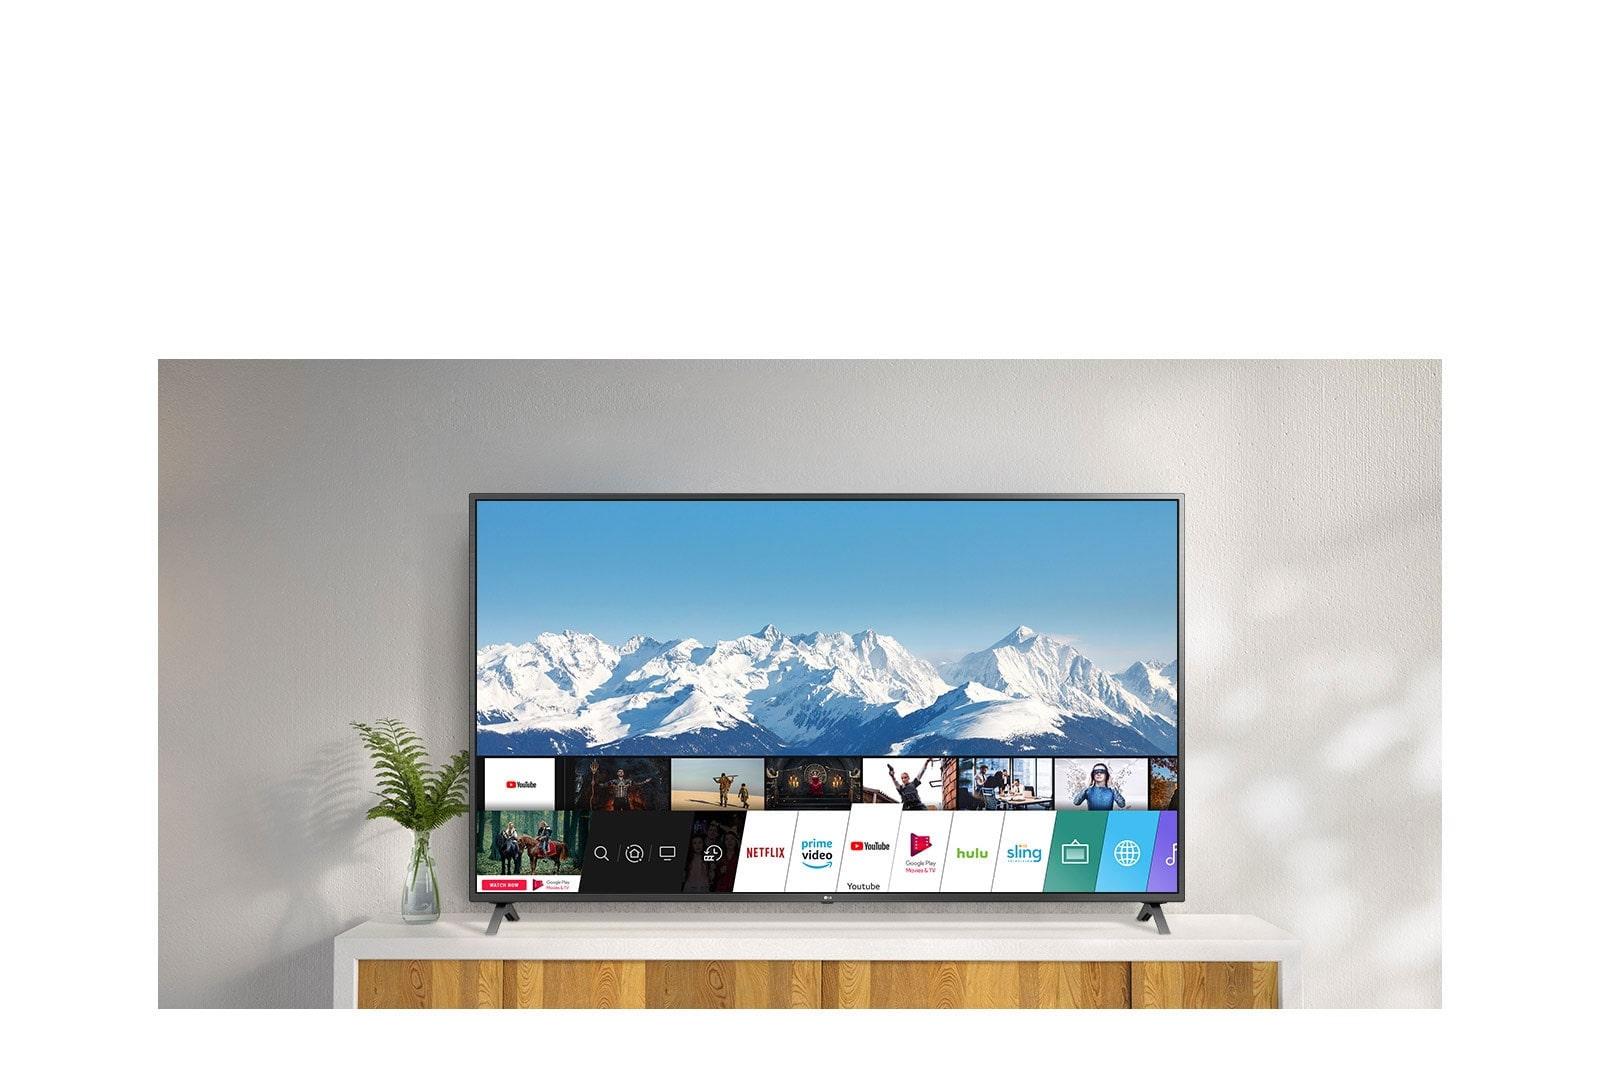 Un téléviseur installé sur un socle blanc contre un mur blanc. L'écran du téléviseur affiche l'écran d'accueil avec webOS.